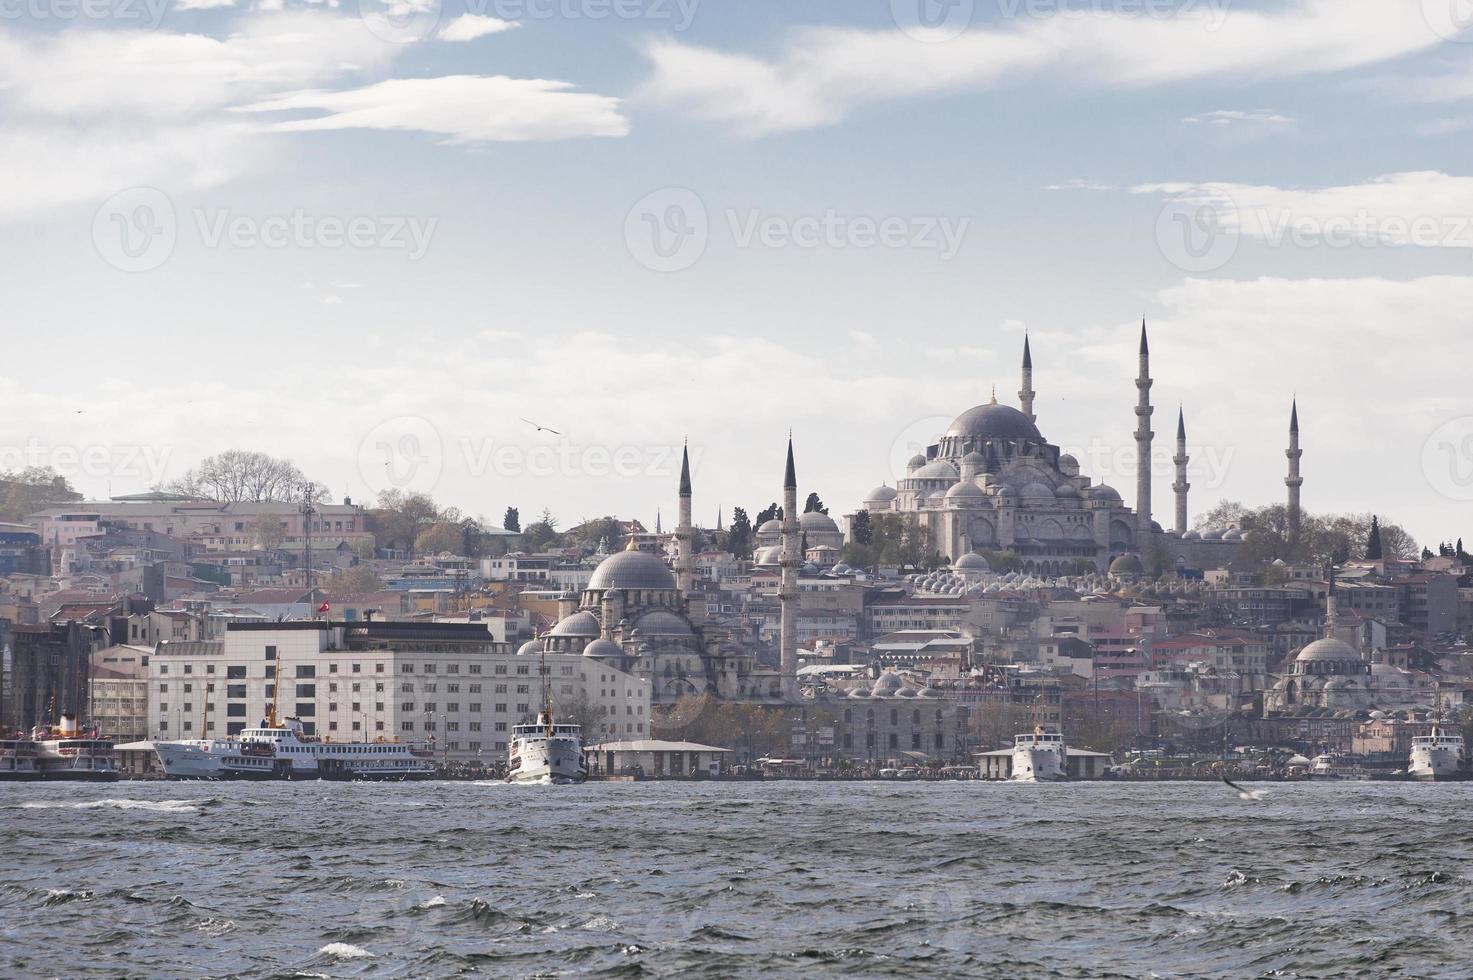 Istanbul Bosporus-scène met klassieke veerboten foto